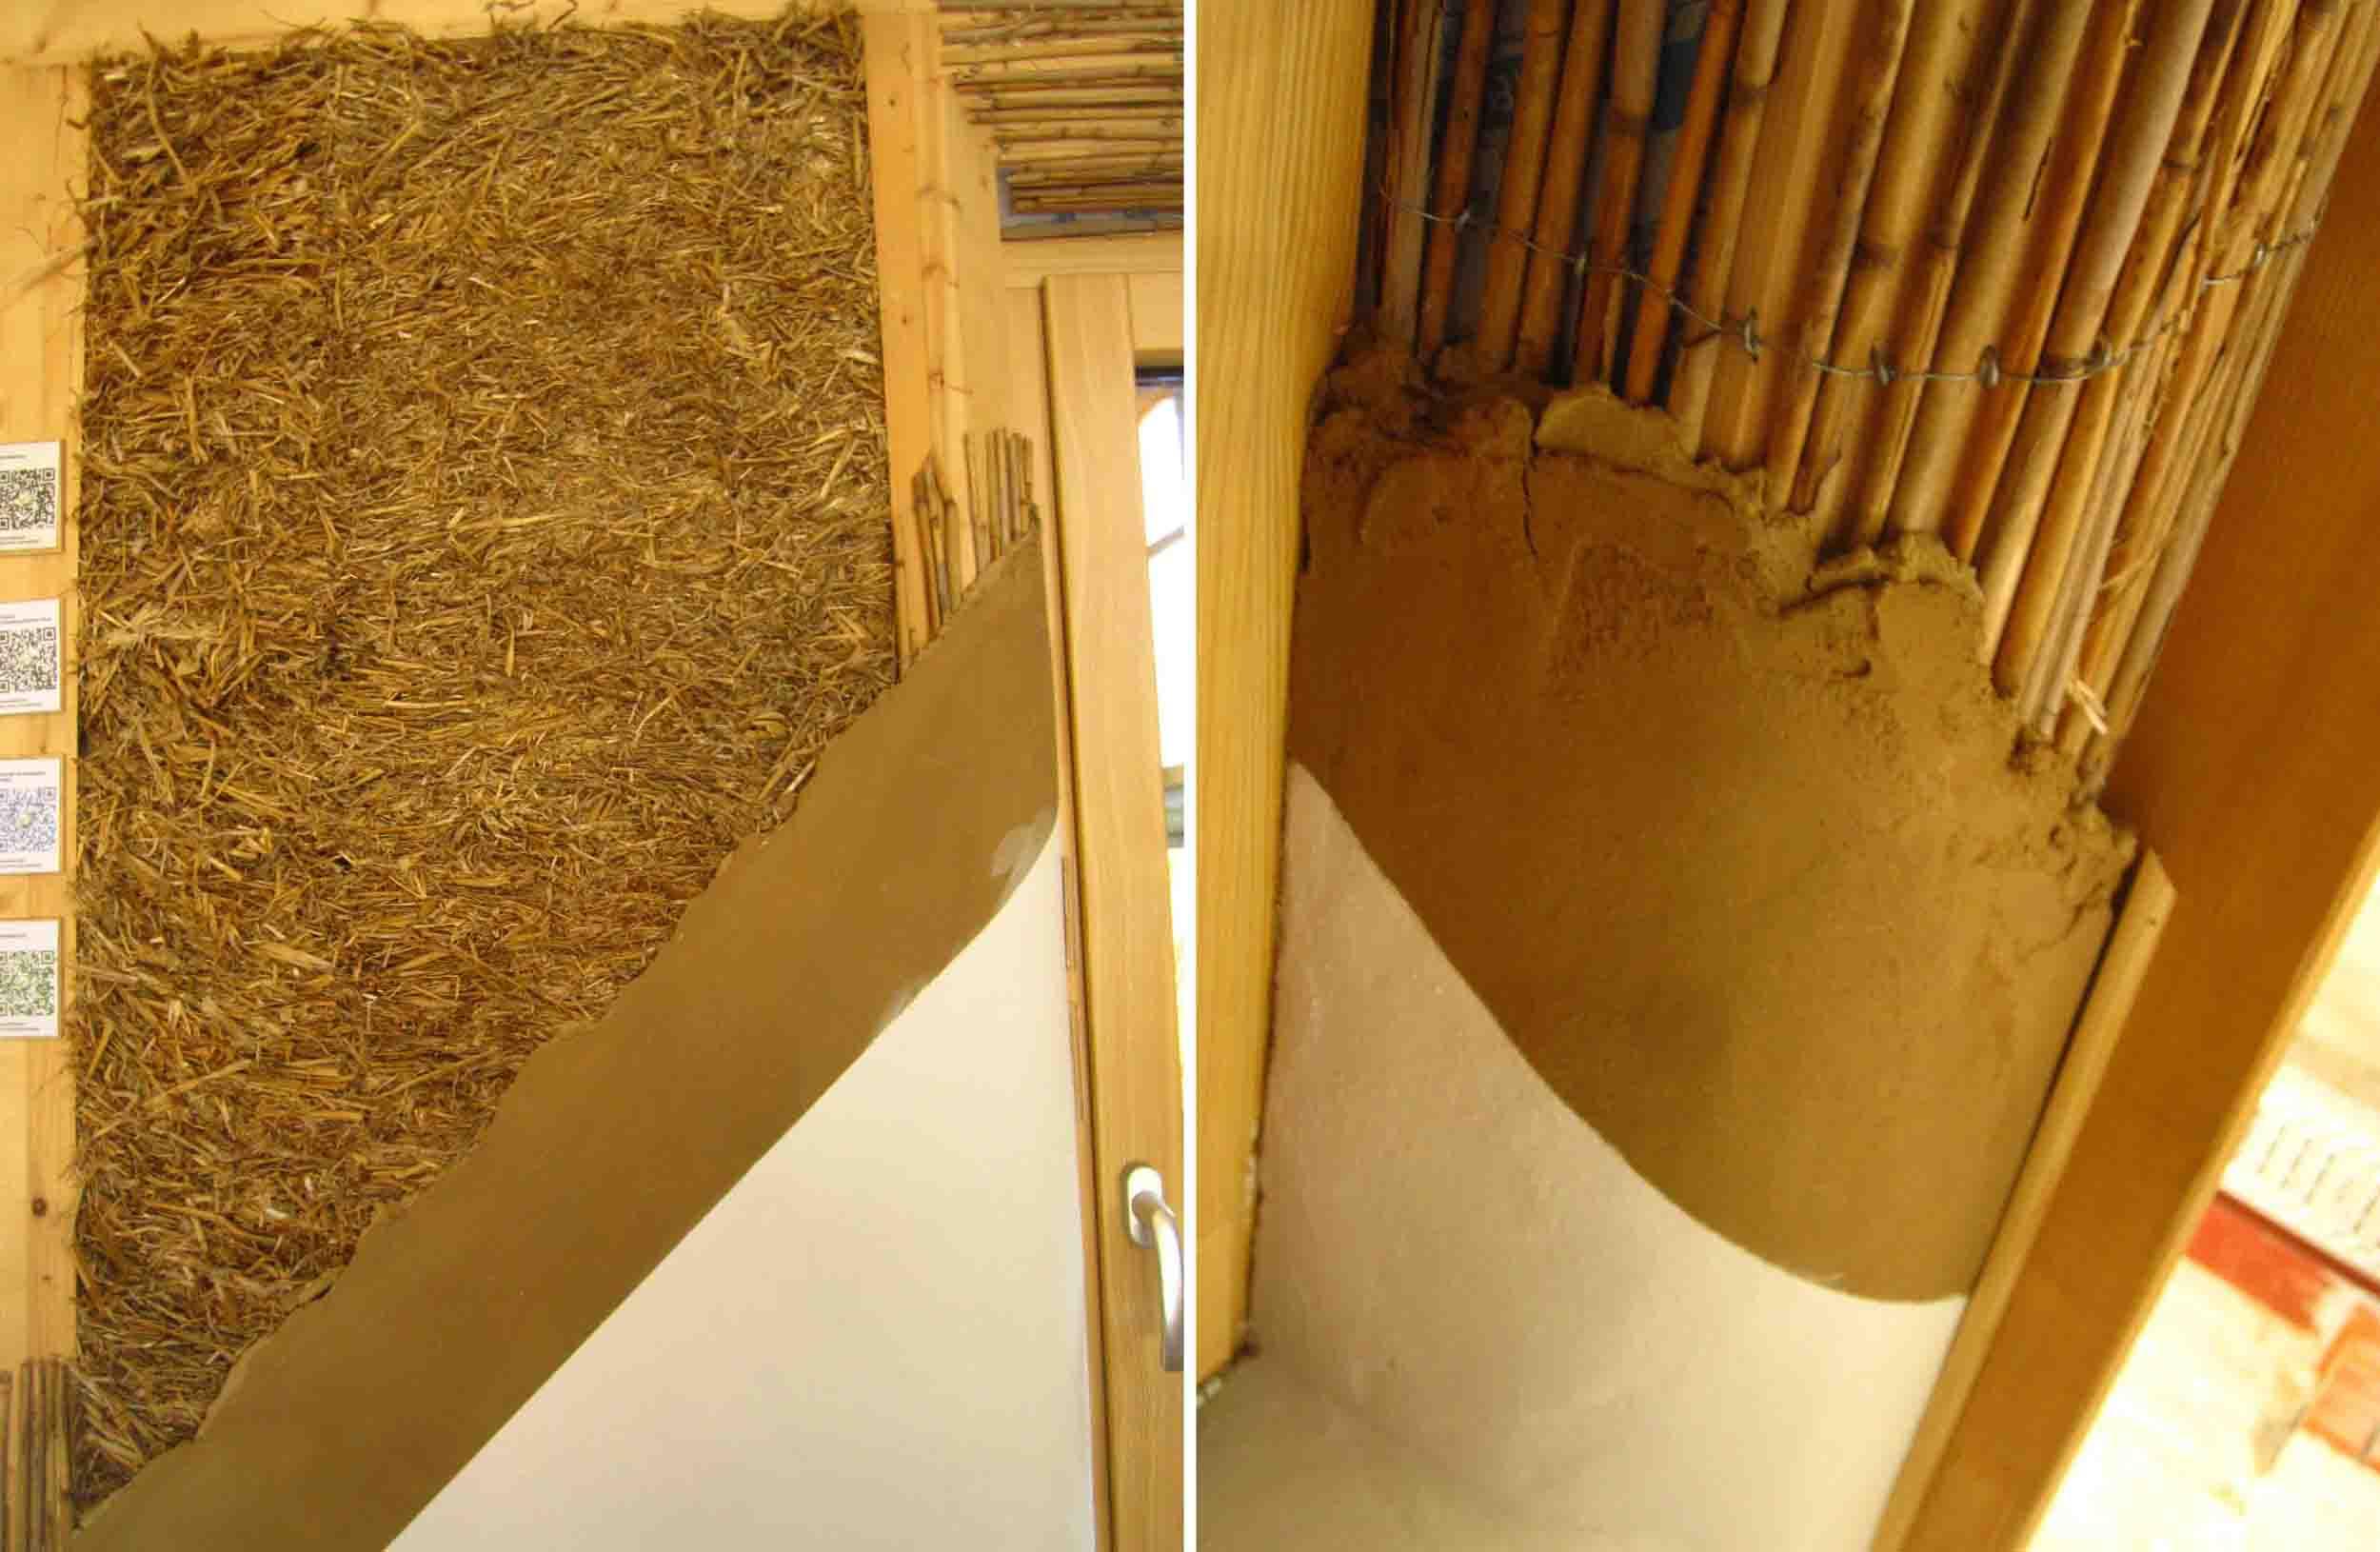 20 verden hangar experimenti balirana slama blatni maleri